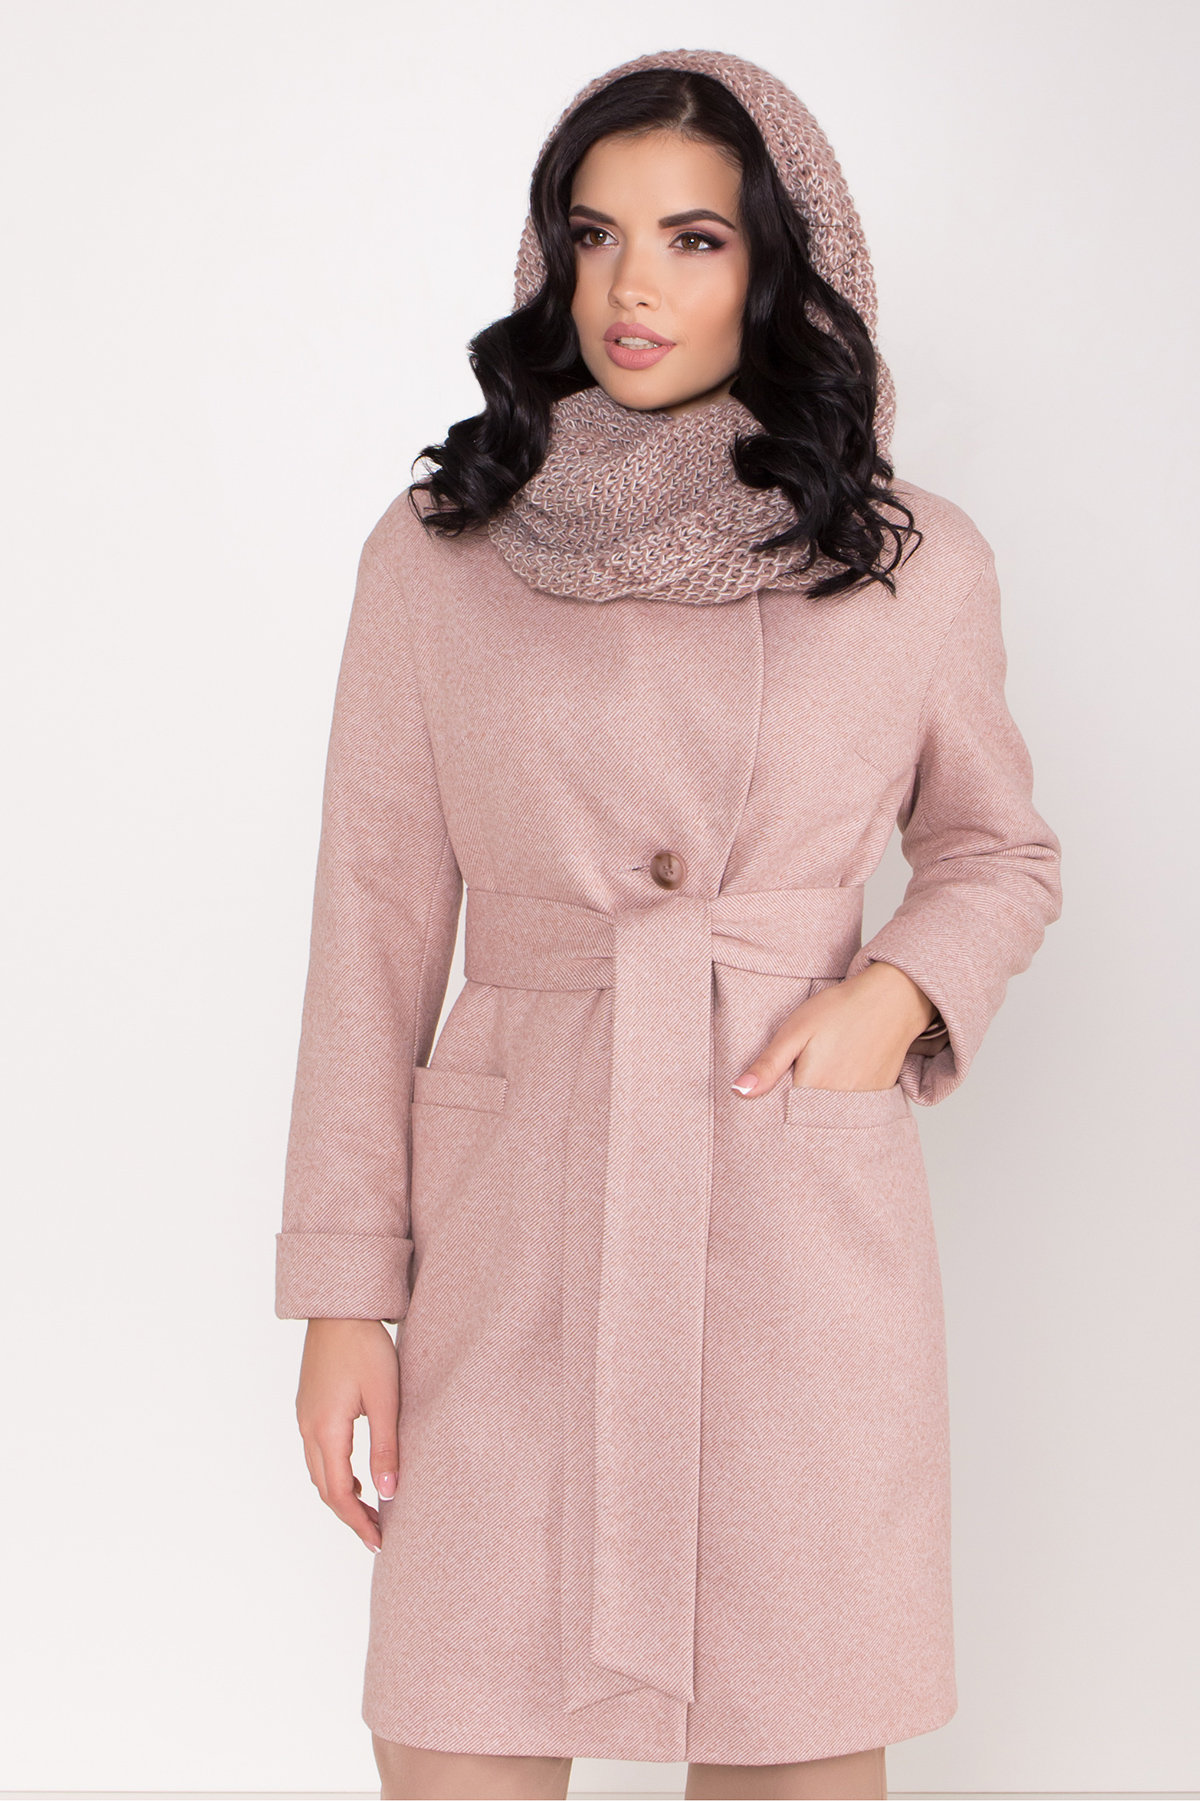 Зимнее утепленное пальто диагональ Вива 8243 АРТ. 44280 Цвет: Бежевый - фото 16, интернет магазин tm-modus.ru